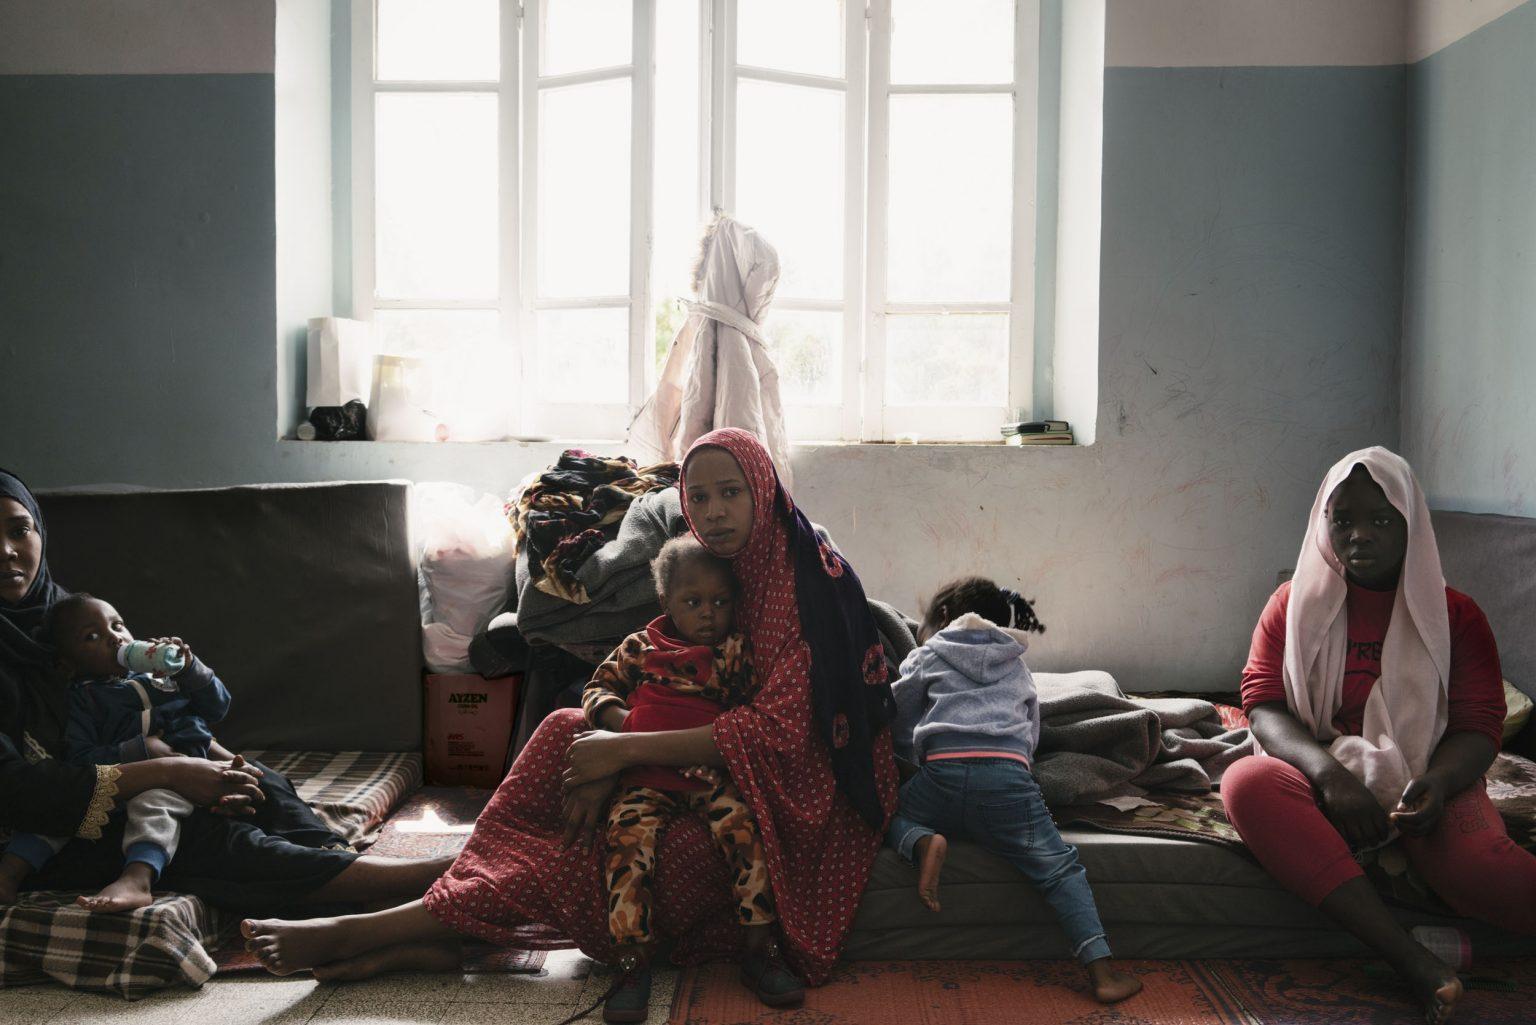 Tripoli, Libya, May 2019 - A group of migrants now live in a school converted into a shelter in central Tripoli.  Some of them were trapped in the detention center of Qasr Ben Ghashir when fighting broke out nearby on April 23rd and at least 12 migrants were wounded. Forces loyal to general Haftar are fighting to take the city of Tripoli and on several occasions migrants were caught in the crossfire or trapped in detention facilities as the frontline drew near. >< Tripoli, Libia, maggio 2019 - Un gruppo di migranti vive in una scuola trasformata in un rifugio nel centro di Tripoli. Alcuni di loro sono rimasti intrappolati nel centro di detenzione di Qasr Ben Ghashir quando sono scoppiati i combattimenti nelle vicinanze il 23 aprile e almeno 12 migranti sono stati feriti. Le forze fedeli al generale Haftar stanno combattendo per conquistare la cittˆ di Tripoli e in diverse occasioni i migranti sono stati catturati nel fuoco incrociato o intrappolati in strutture di detenzione mentre la linea frontale si avvicinava.